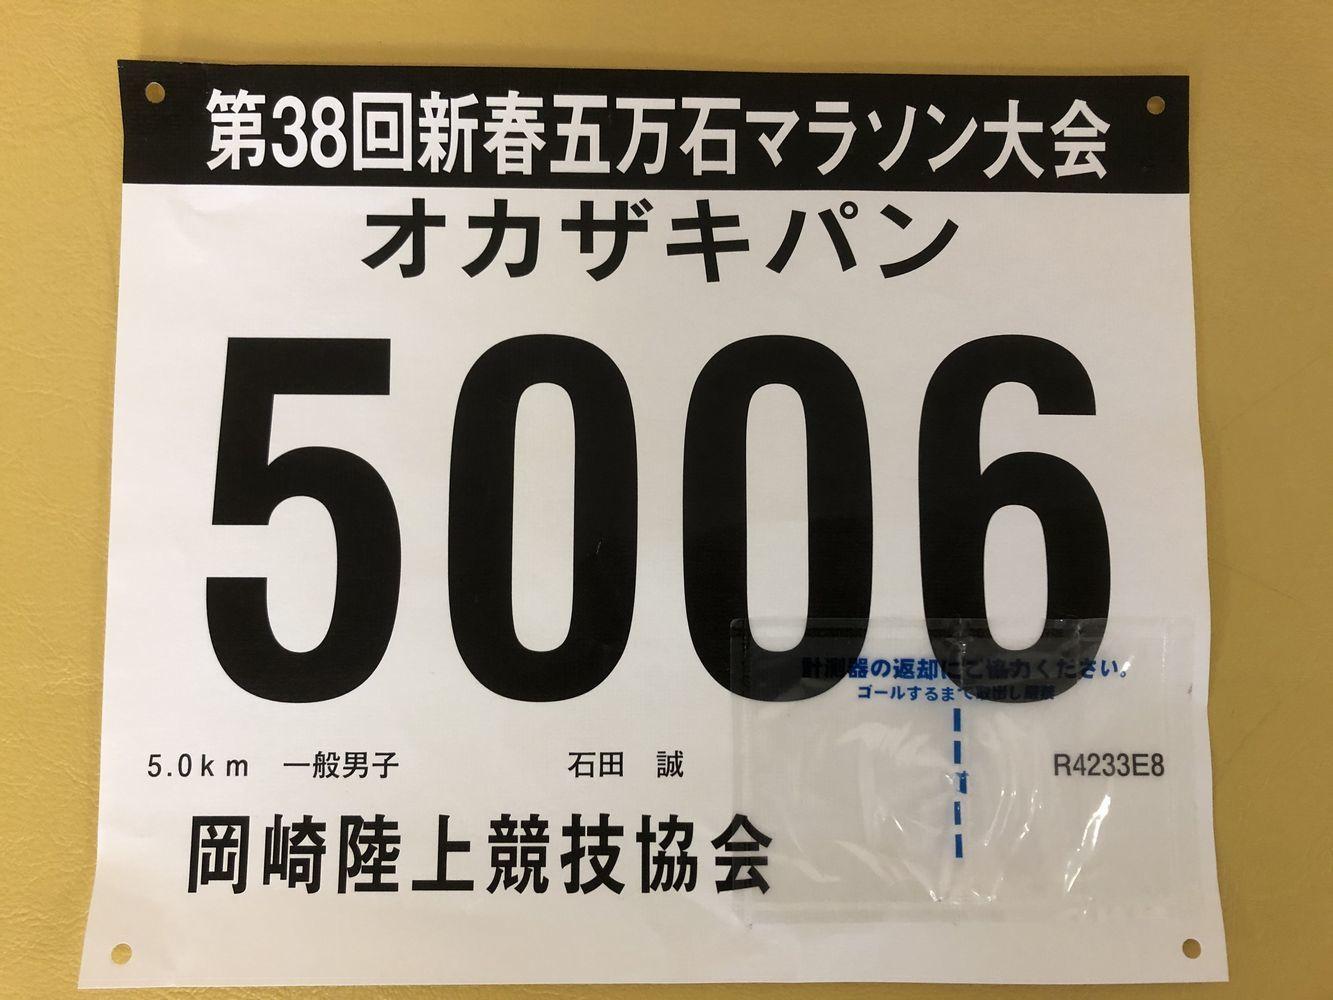 五万石マラソン_c0234975_07080384.jpg